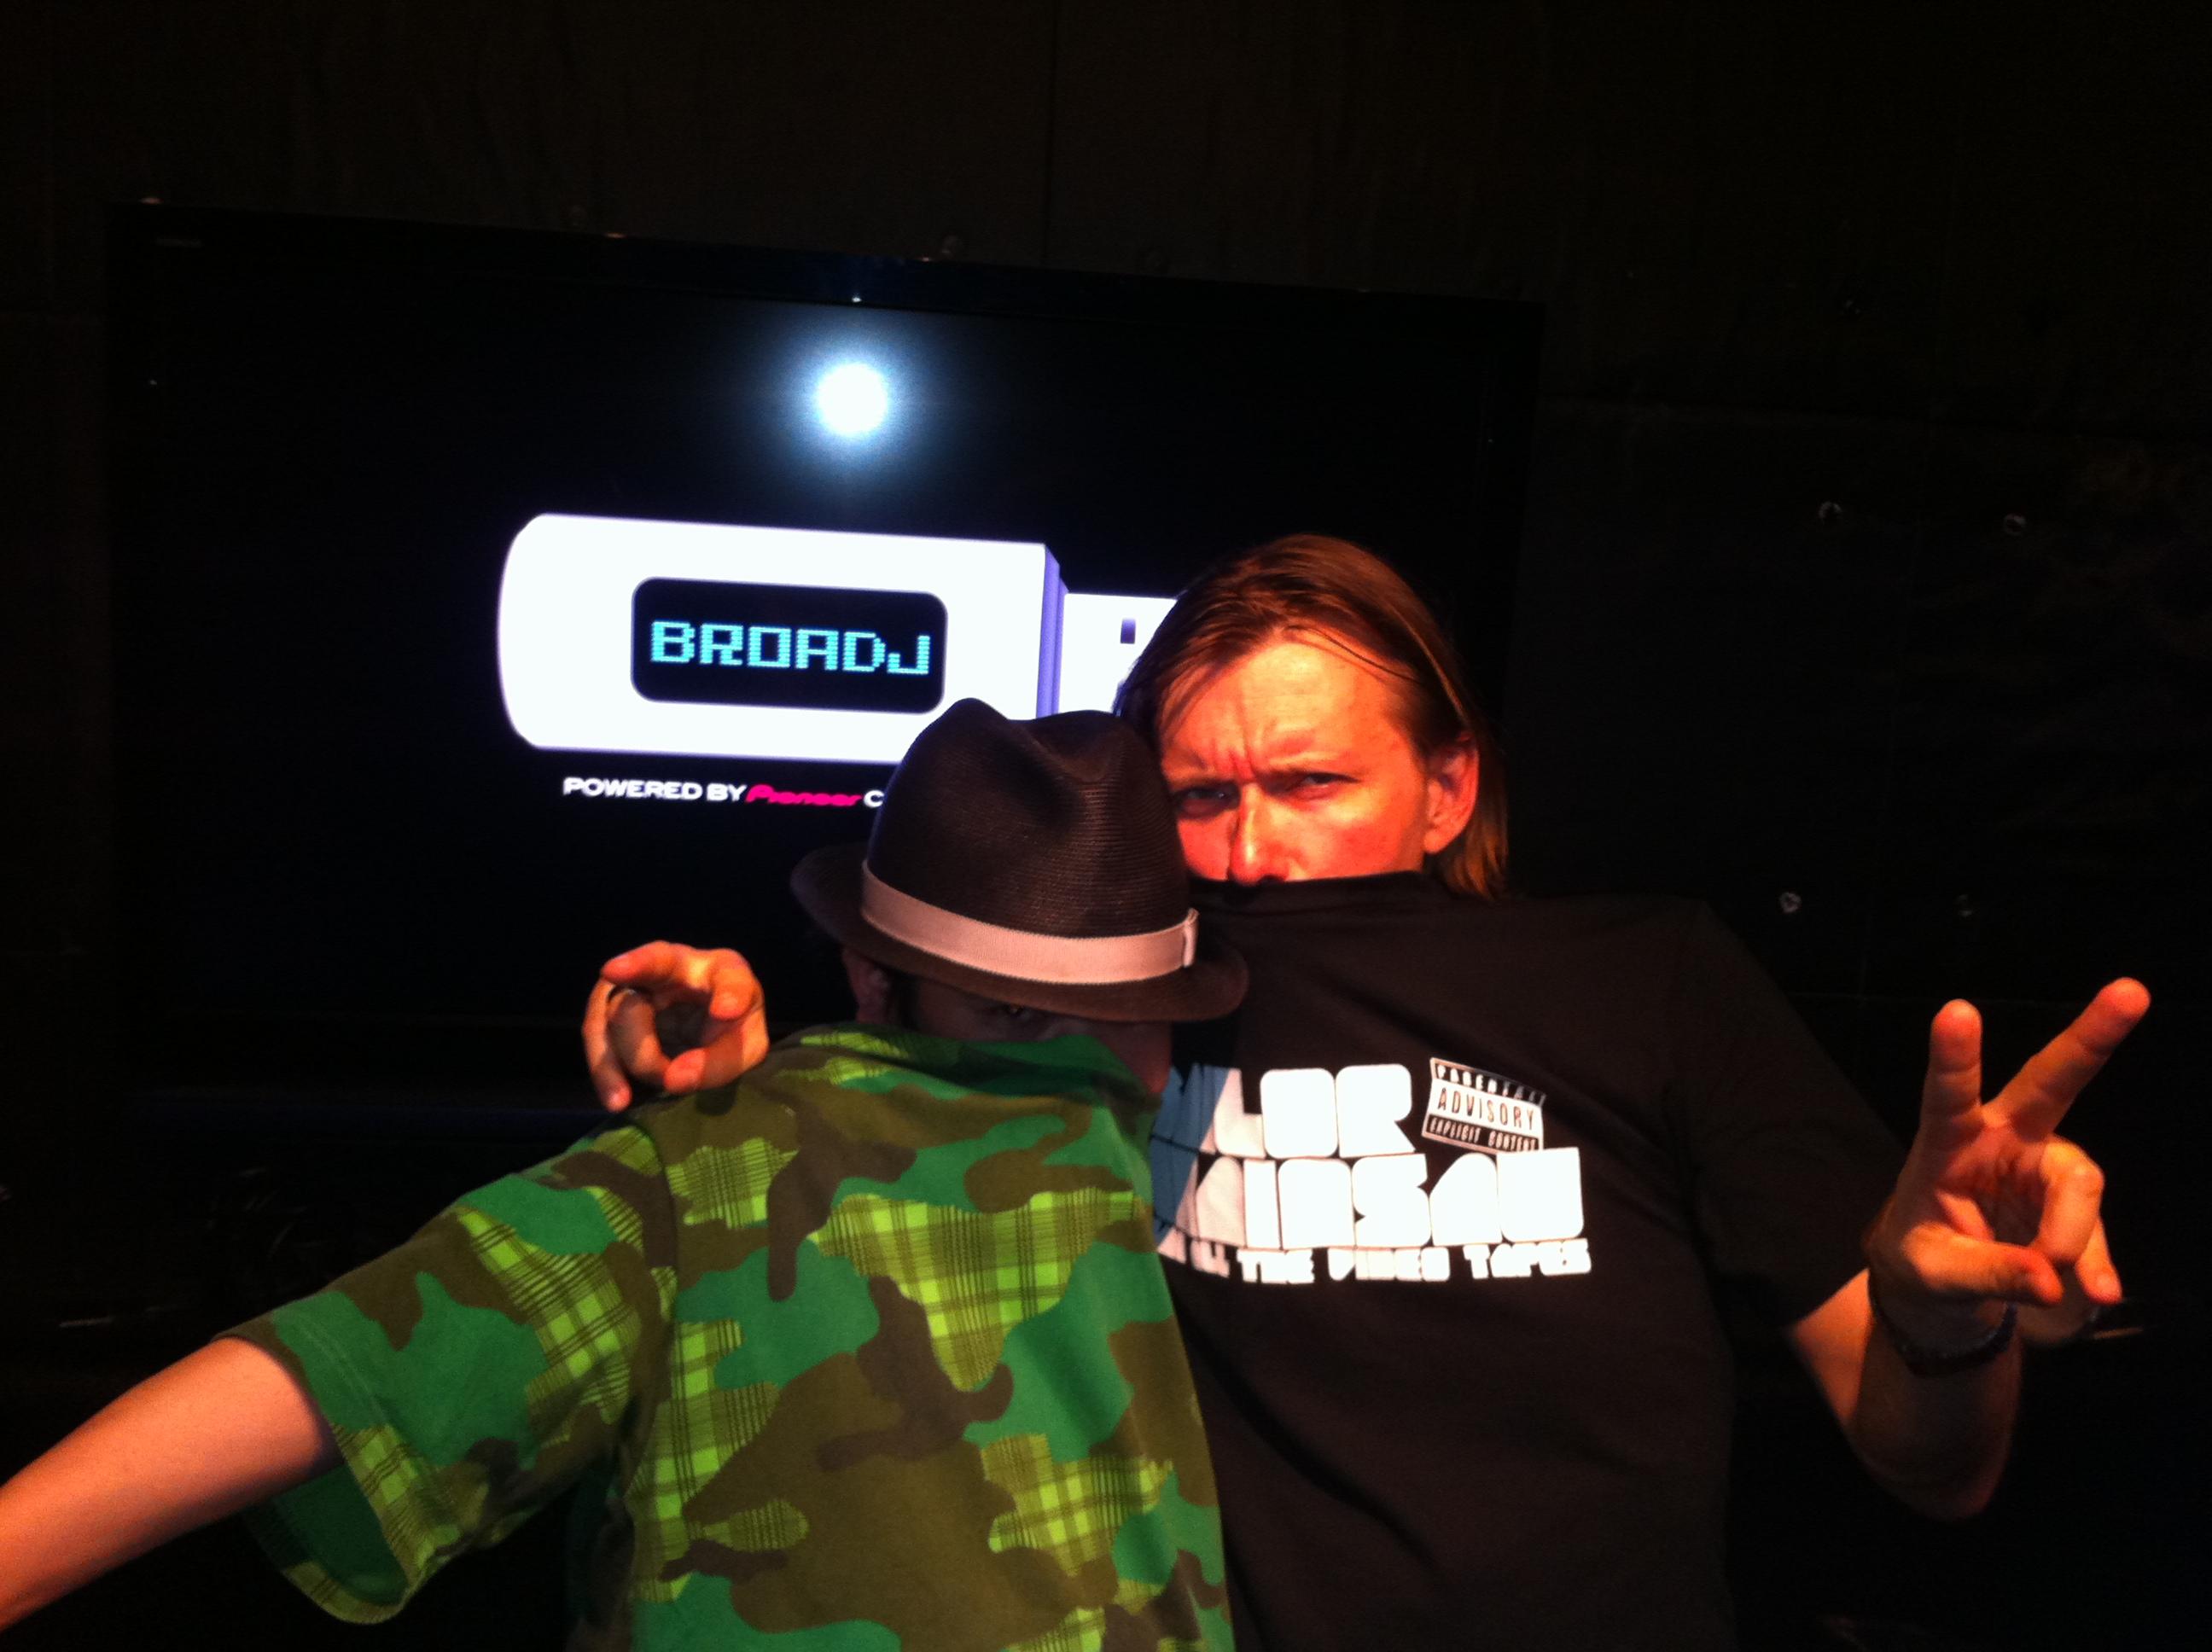 Mijk van Dijk Live DJ Set at Dommune Tokyo